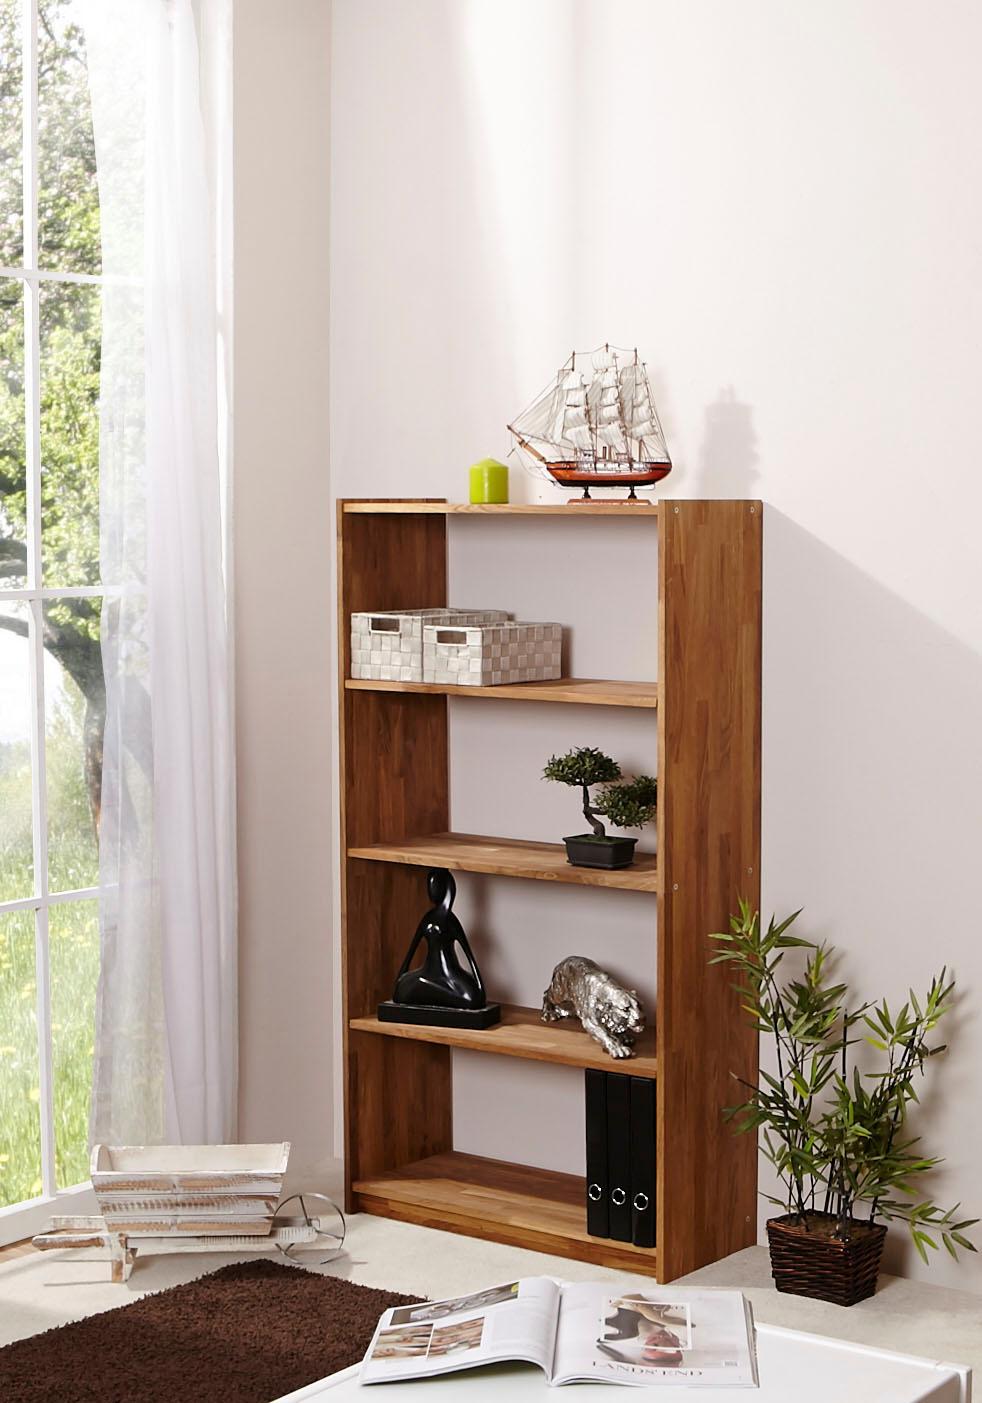 Ticaa Standregal in 4 Höhen von 111 - 214 cm, Eiche | Kinderzimmer > Kinderzimmerregale | TICAA